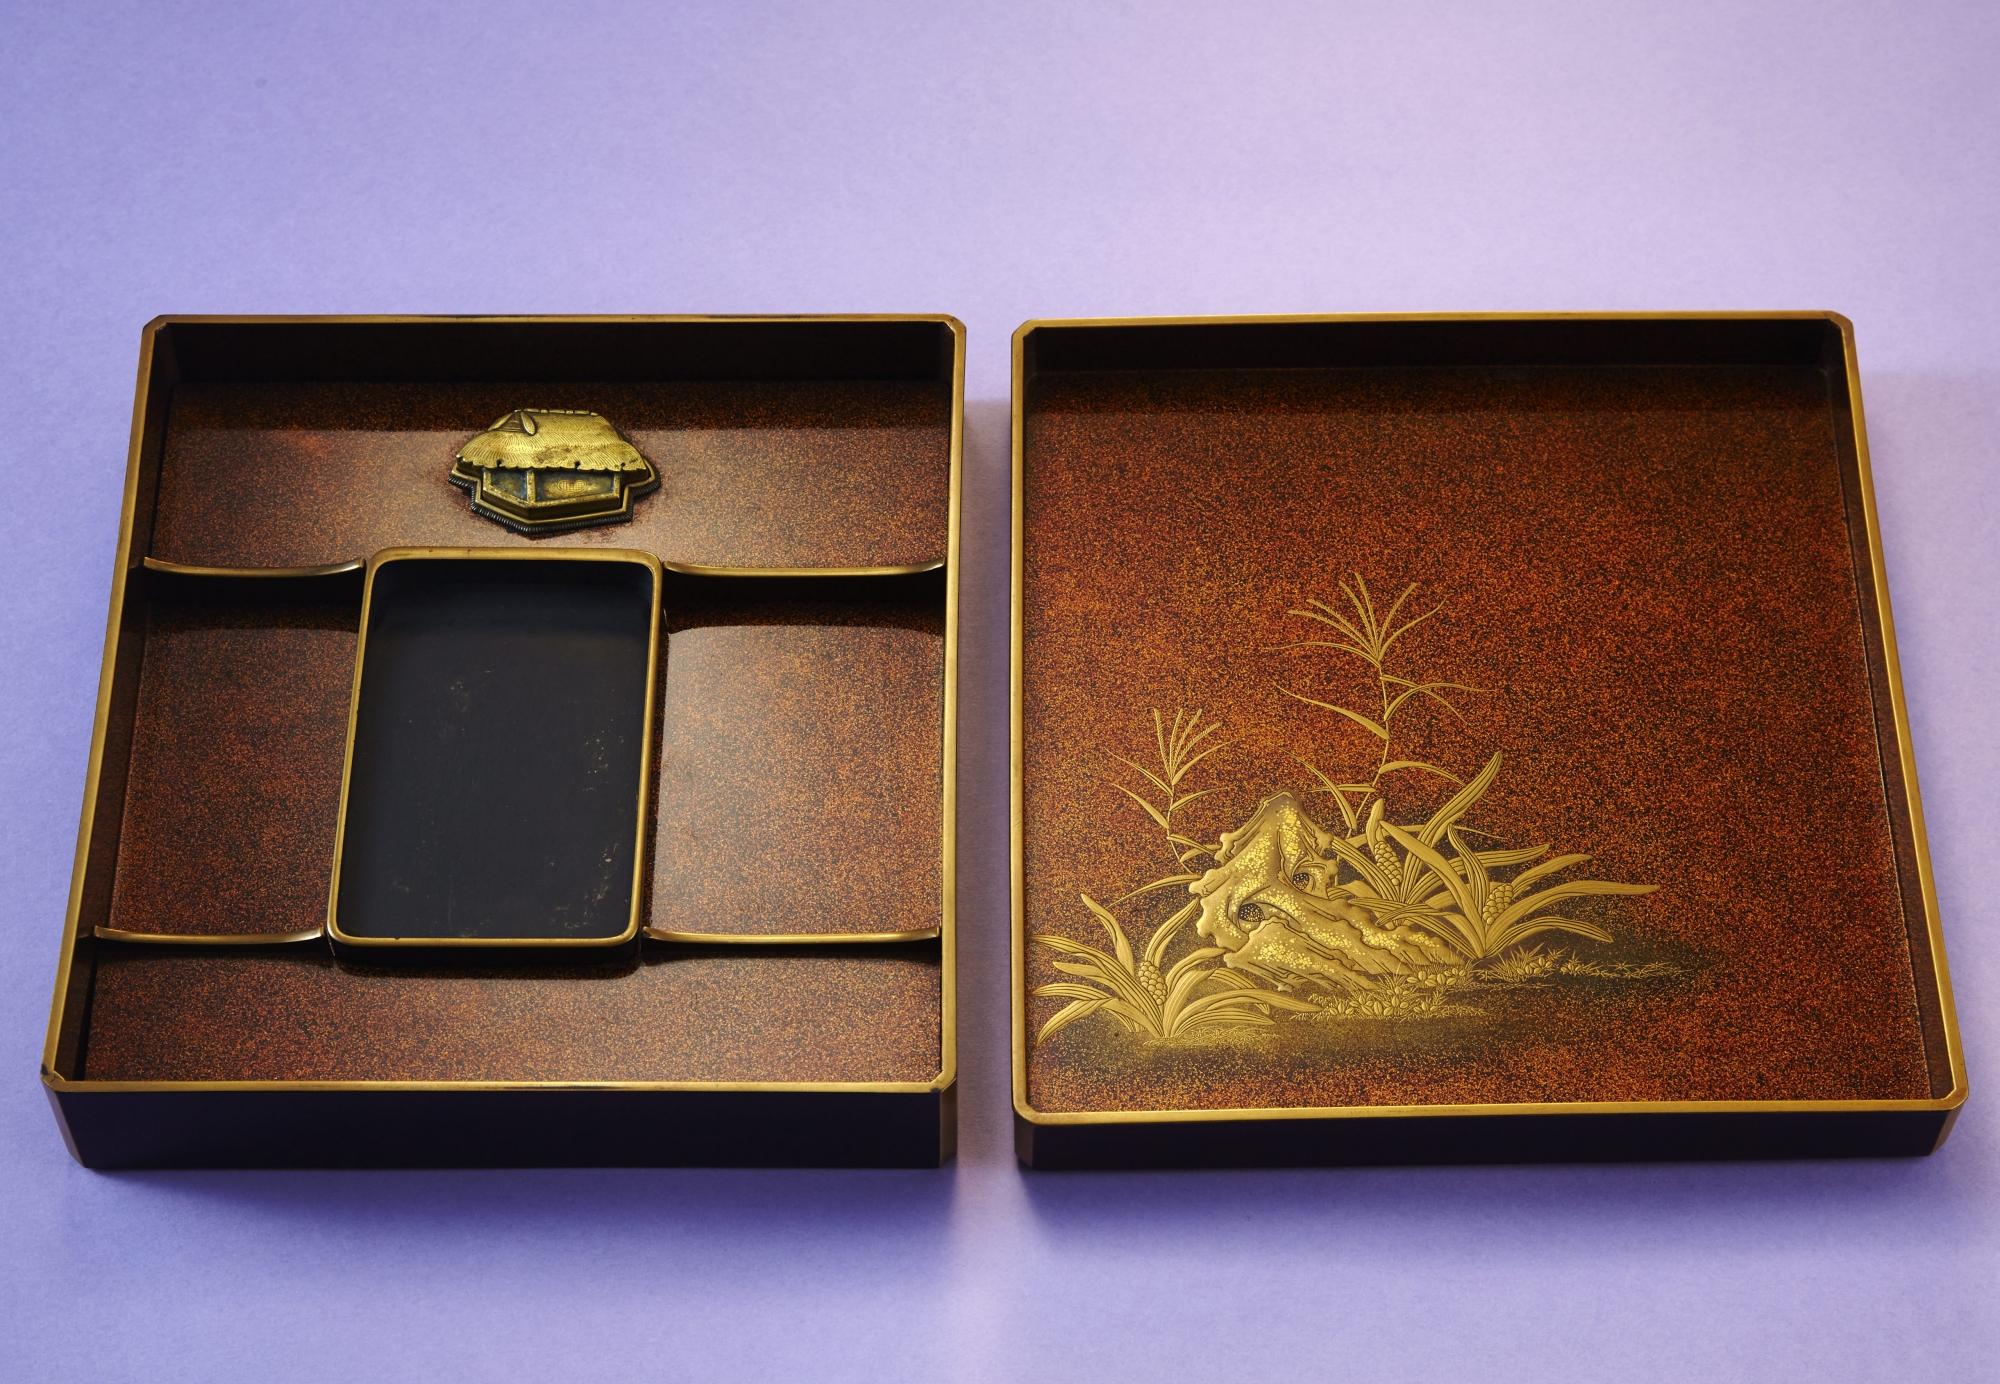 田舎家硯箱画像1